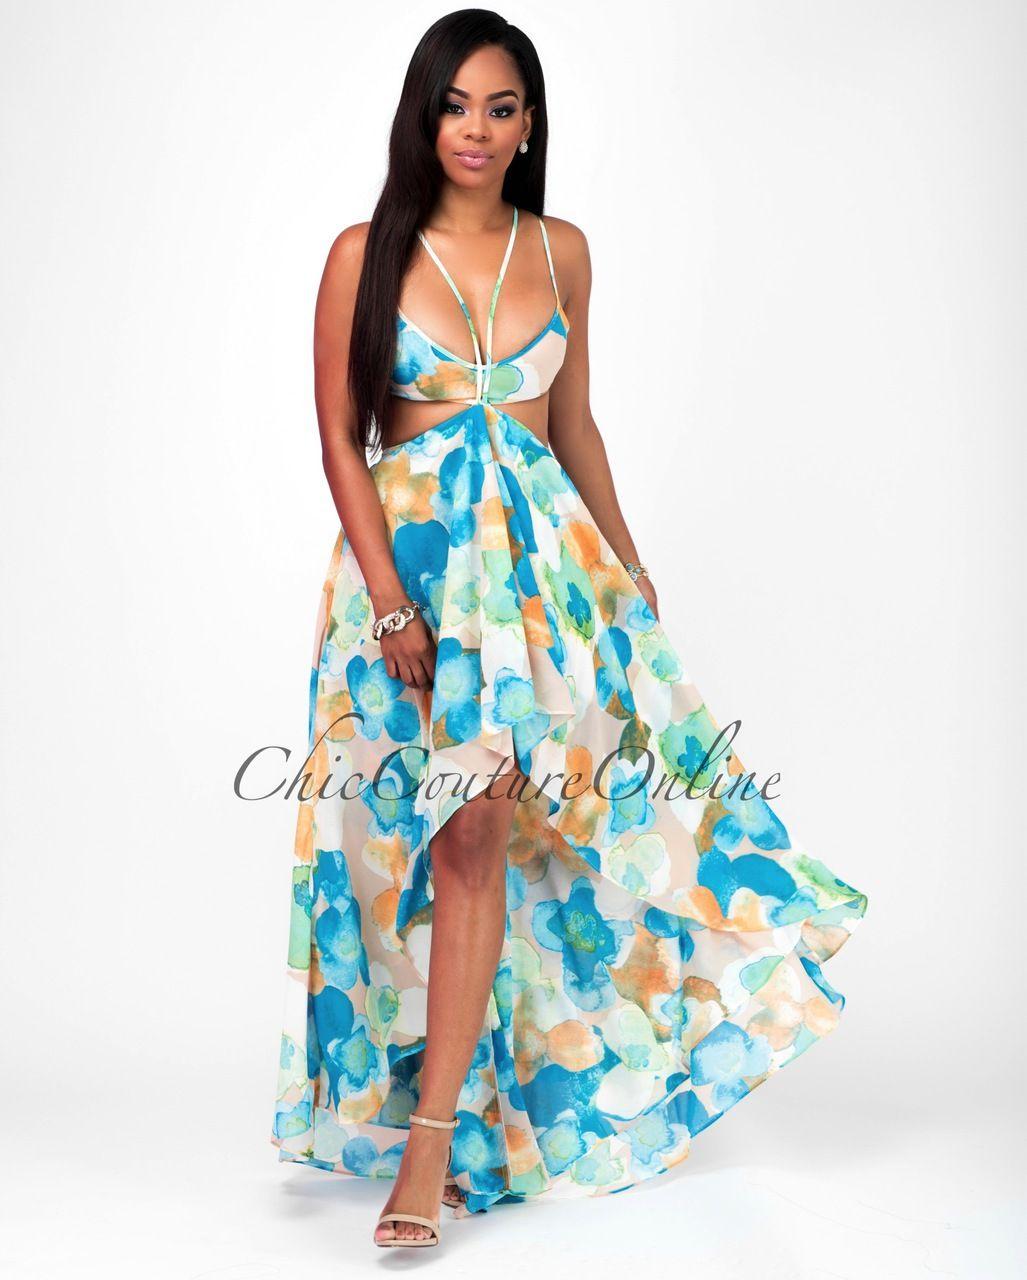 Niesha Aqua Tangerine Multi-Color Floral Maxi Dress | Floral maxi ...